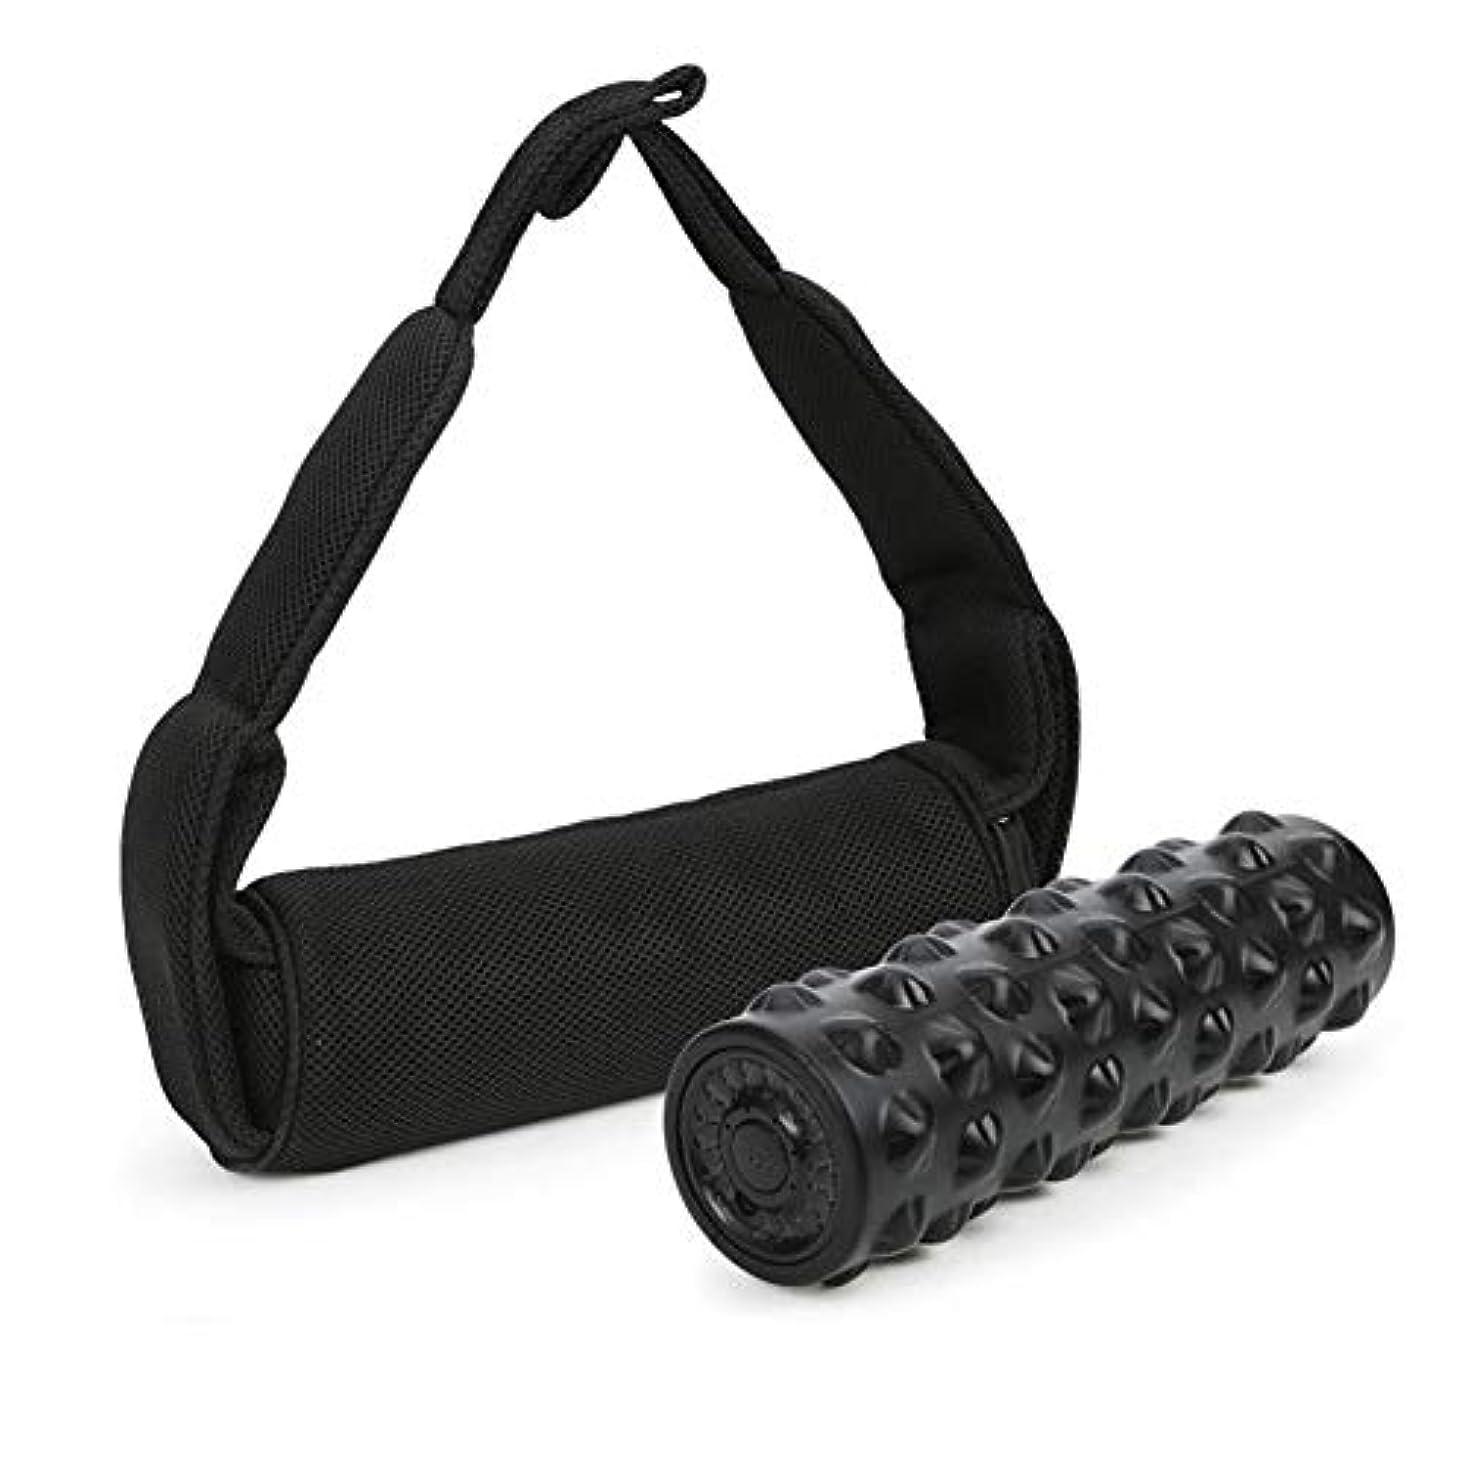 アーク圧力松Semmeの泡のローラーの振動のマッサージャー、筋肉回復、弛緩、移動性、柔軟性の訓練、六角形様式のための4つの速度の調節可能な家のヨガの体育館装置の深いティッシュのマッサージ用具